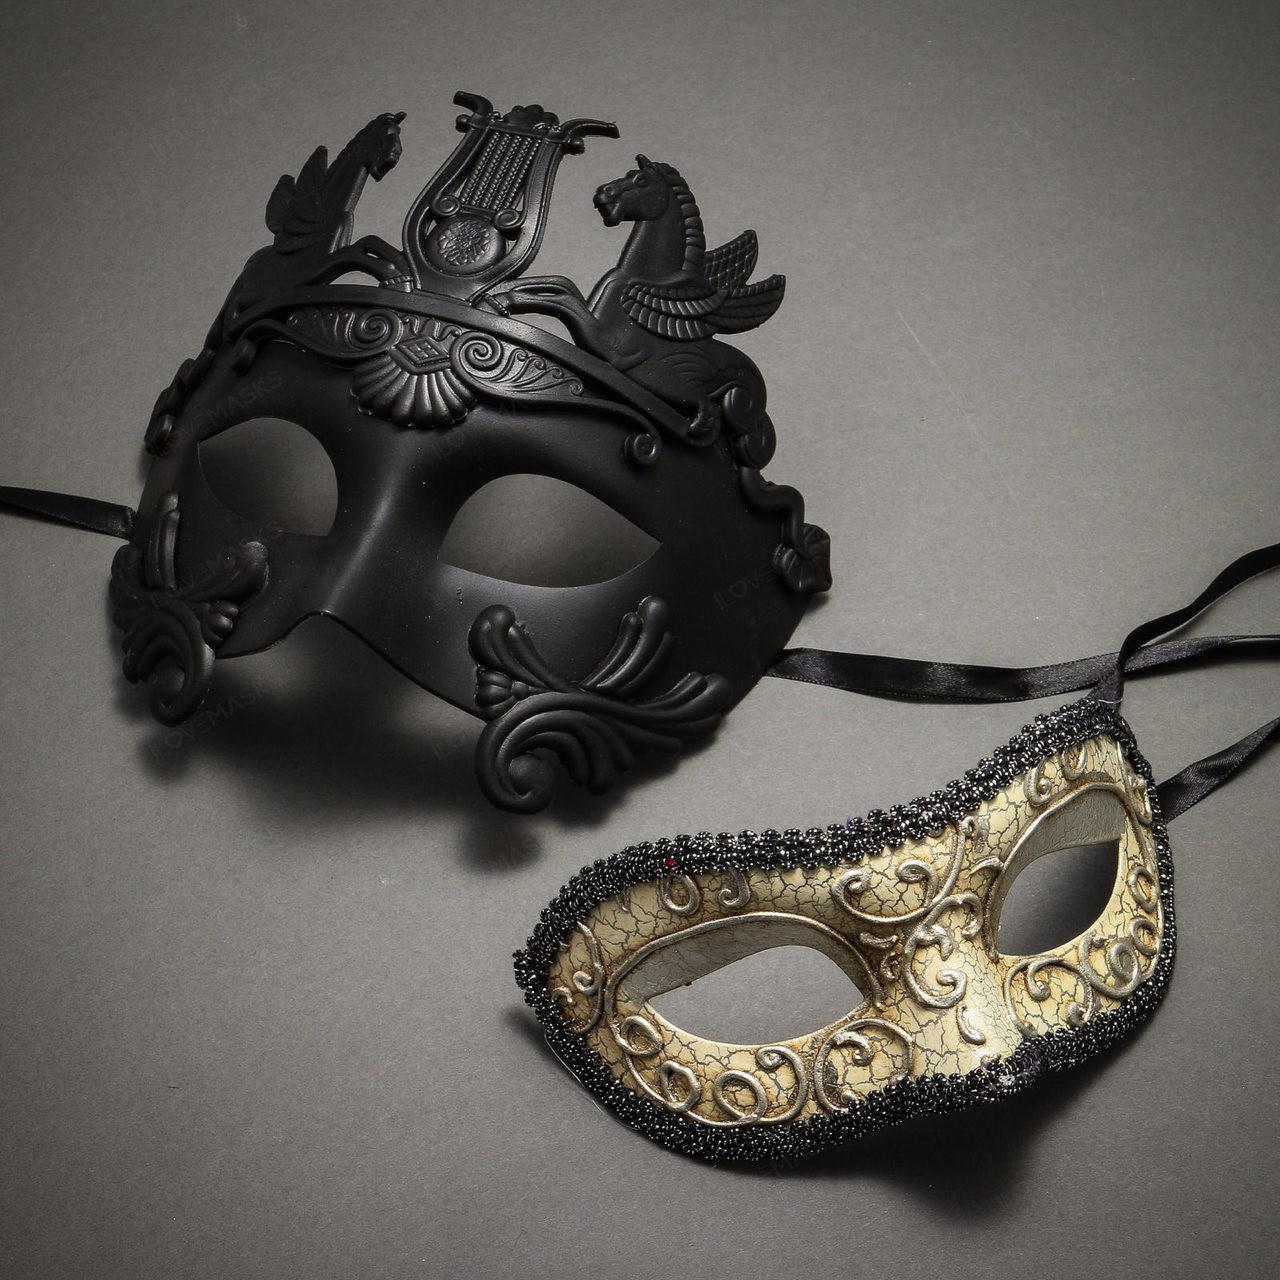 Roman Greek WARRIOR Emperor Venetian Masquerade Ball Party Mask Men Black Silver